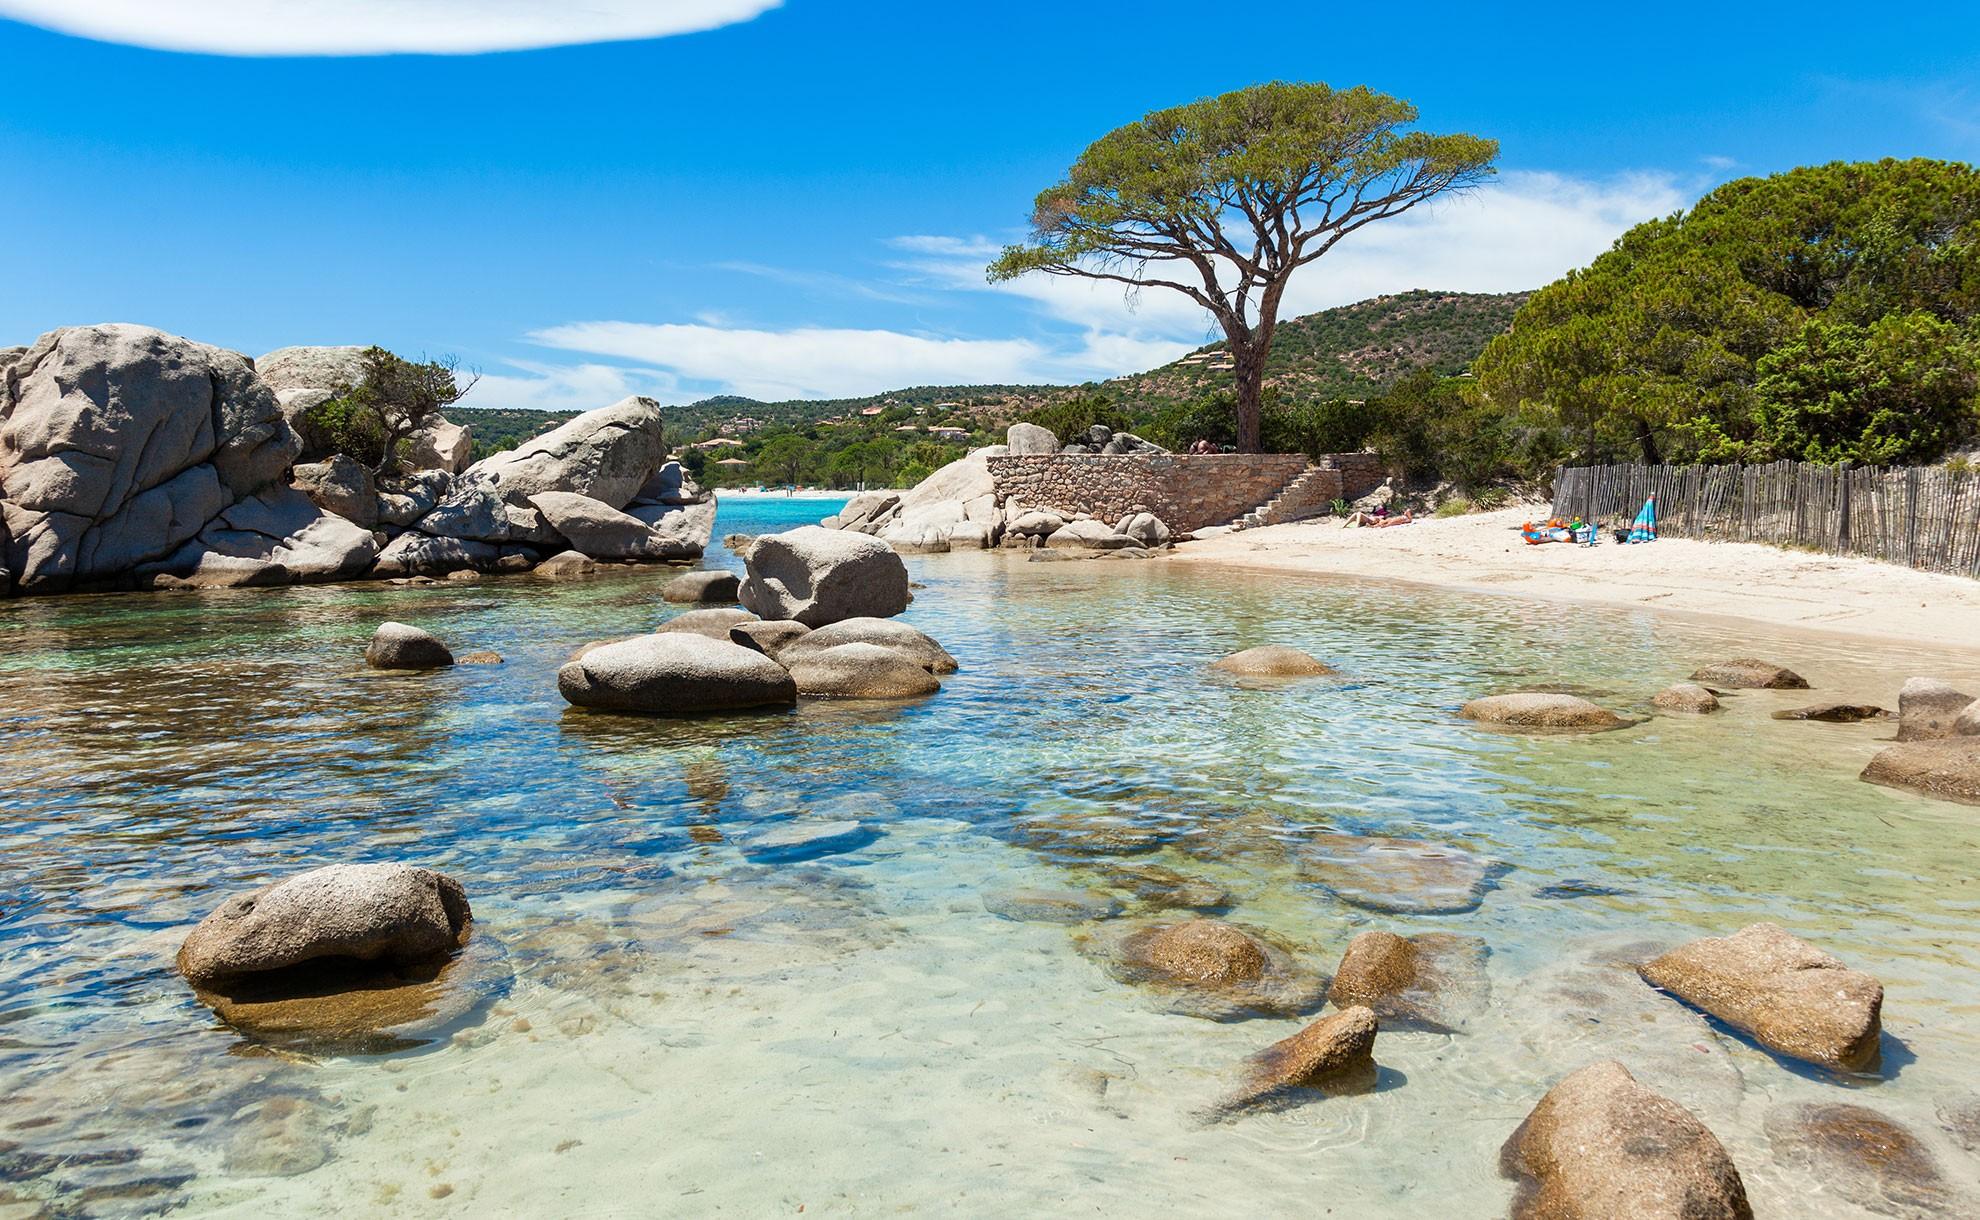 Plus belles plage de France : Palombaggia, Corse